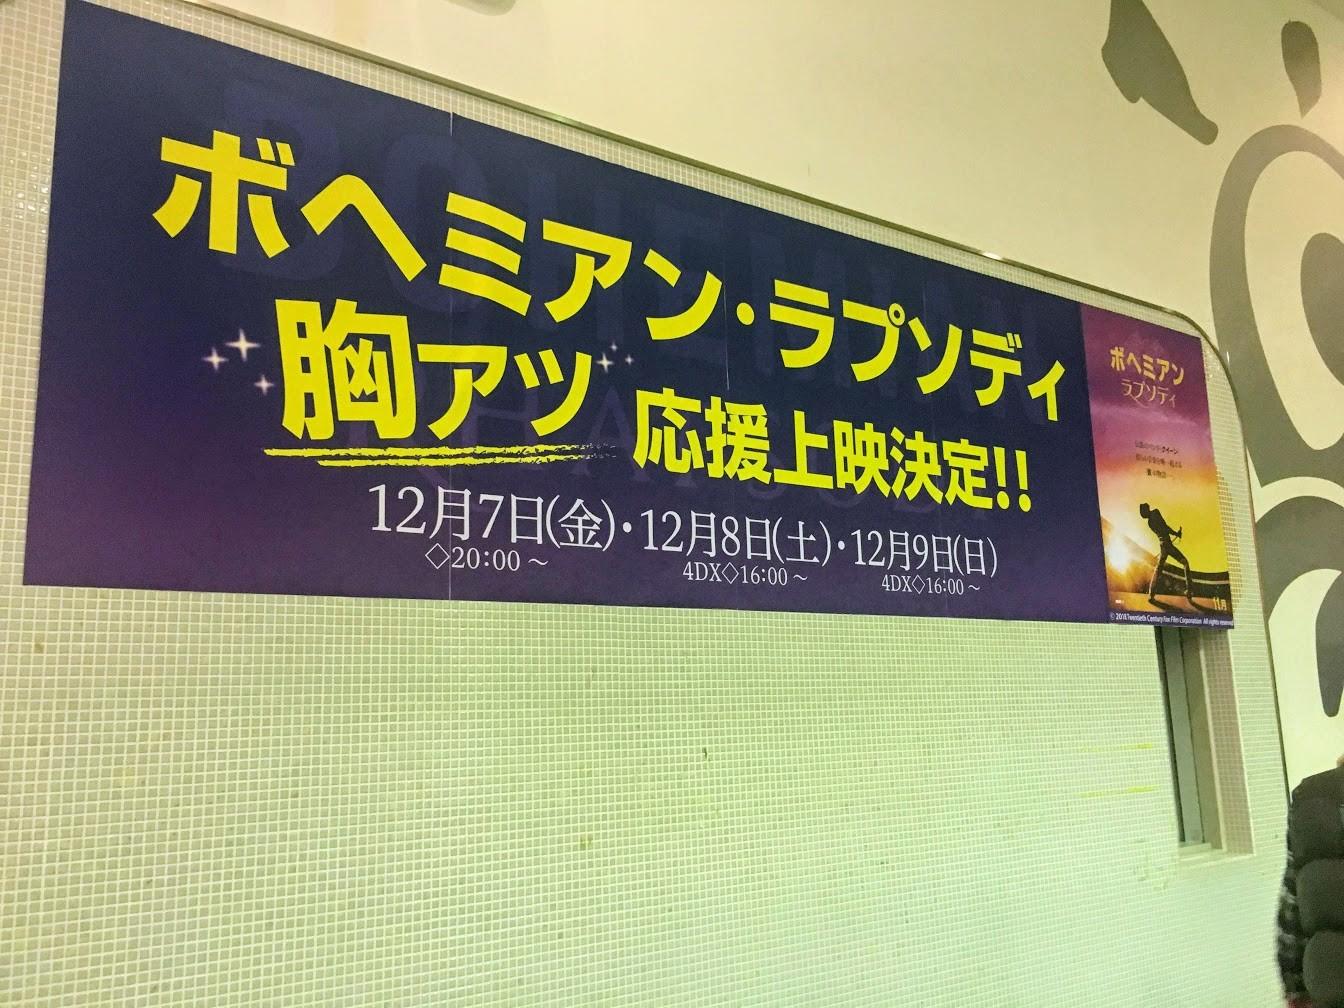 1e81fe73ed10f であるスベリー・マーキュリーことスベリー杉田さんがリーディングするということで、チケットも完売、みなさんすきですねぇ(含む私)